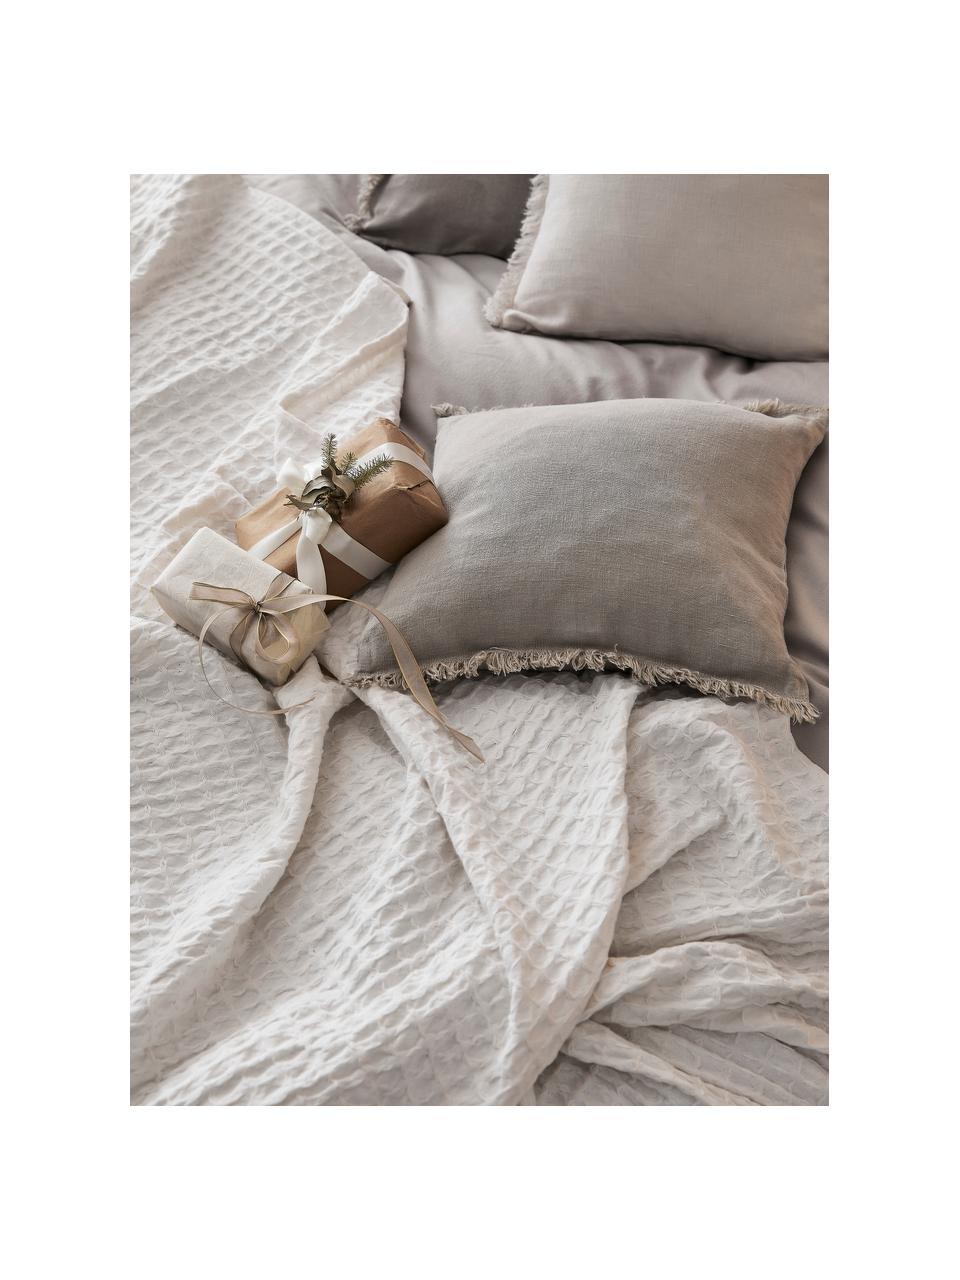 Leinen-Kissenhülle Luana in Beige mit Fransen, 100% Leinen, Beige, 60 x 60 cm